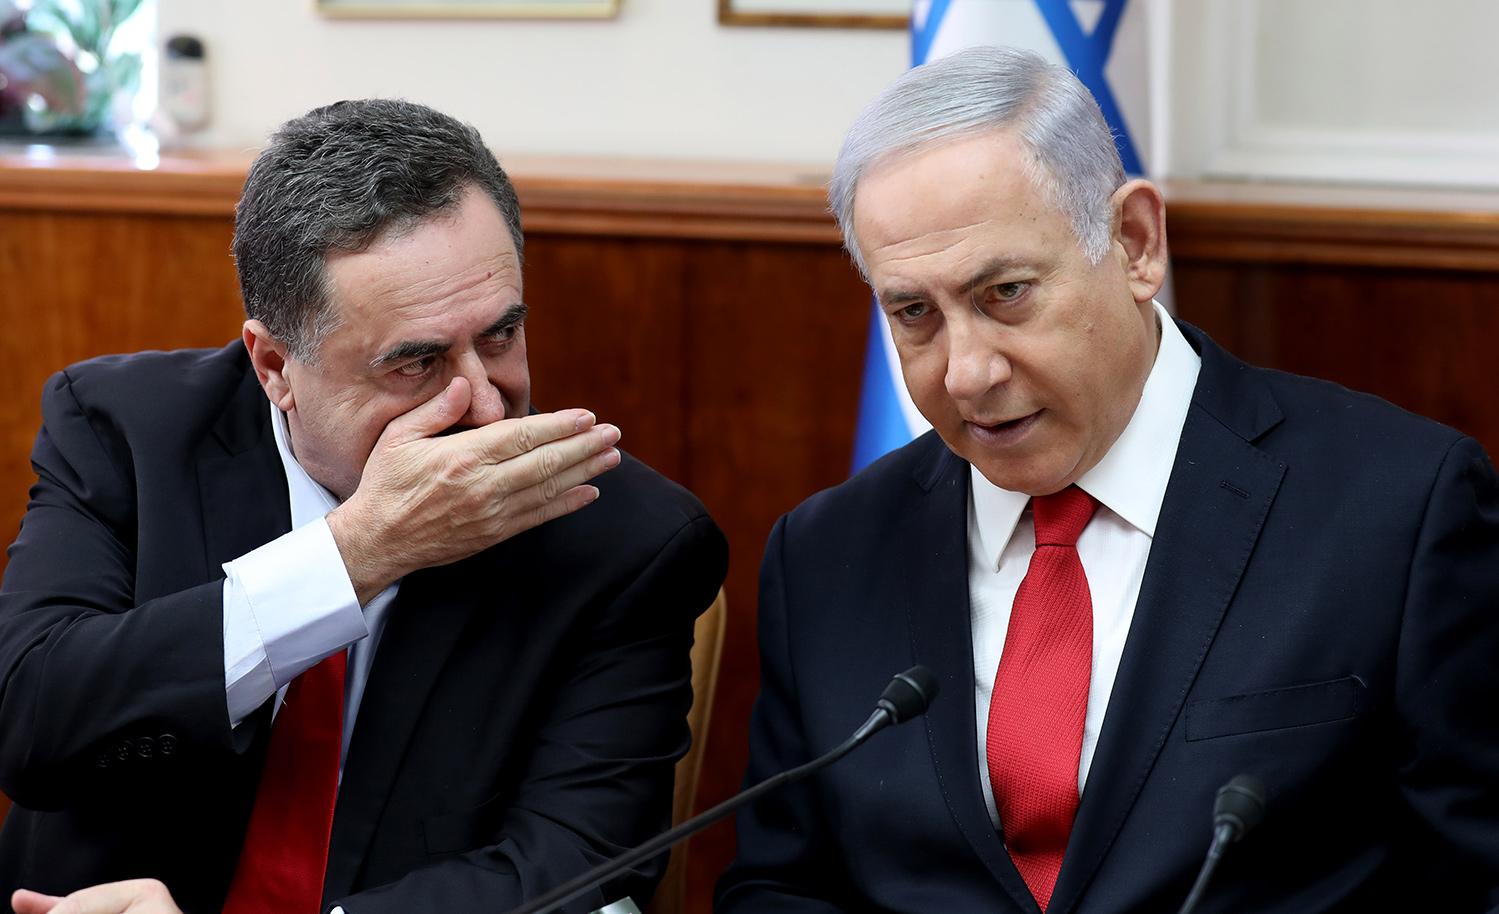 Podcast: Haviv Rettig Gur Talks Israel's Deep State